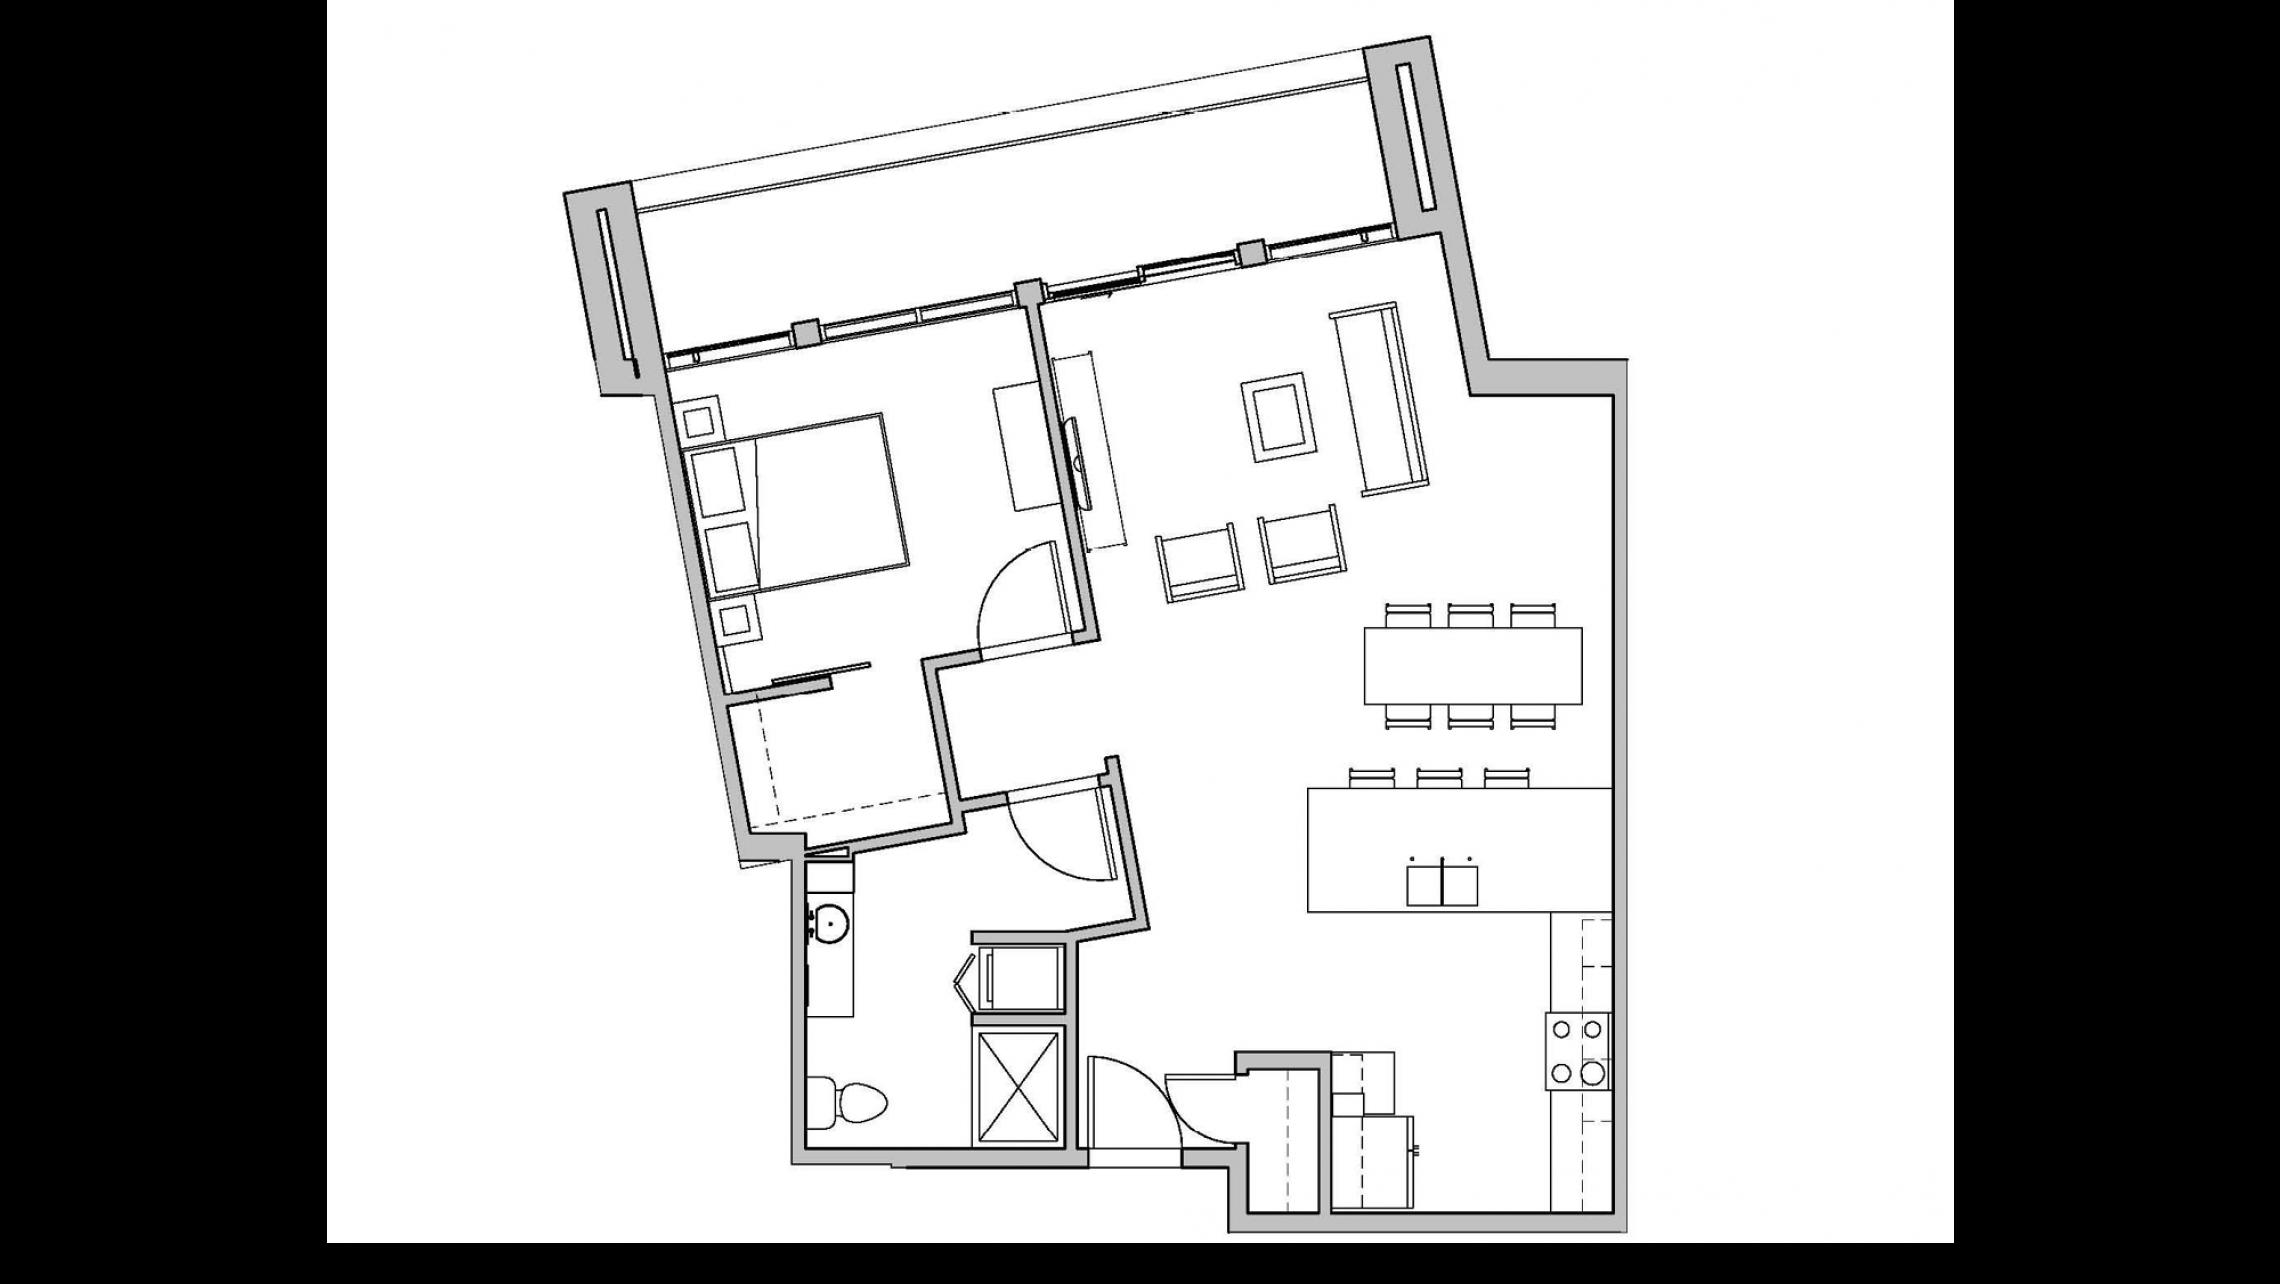 ULI Seven27 312 - One Bedroom, One Bathroom